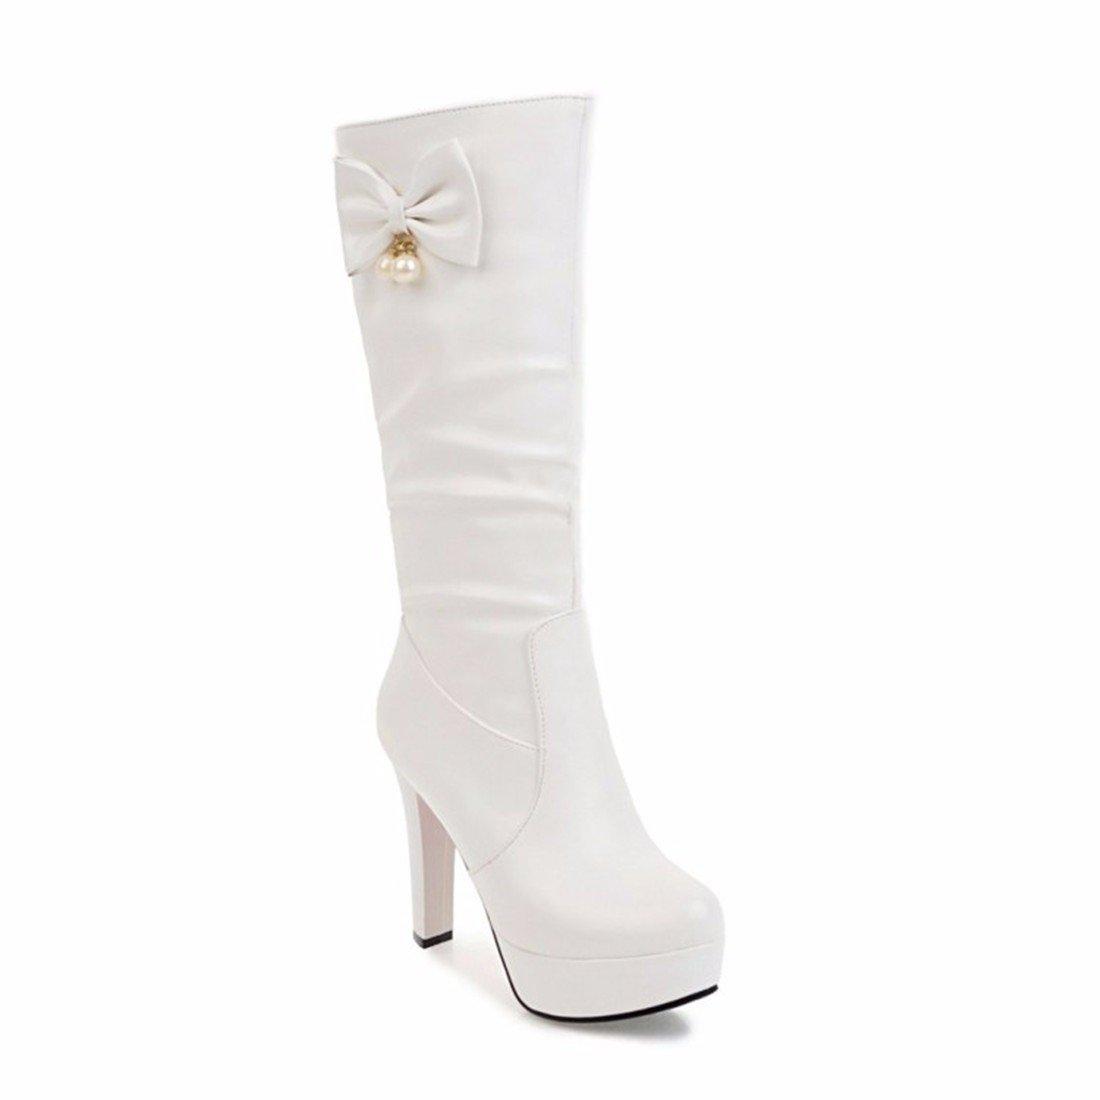 Weibliche Weibliche Weibliche Winterstiefel Bogen Diamant Größe hohe Stiefel weiß 35 43b3f7